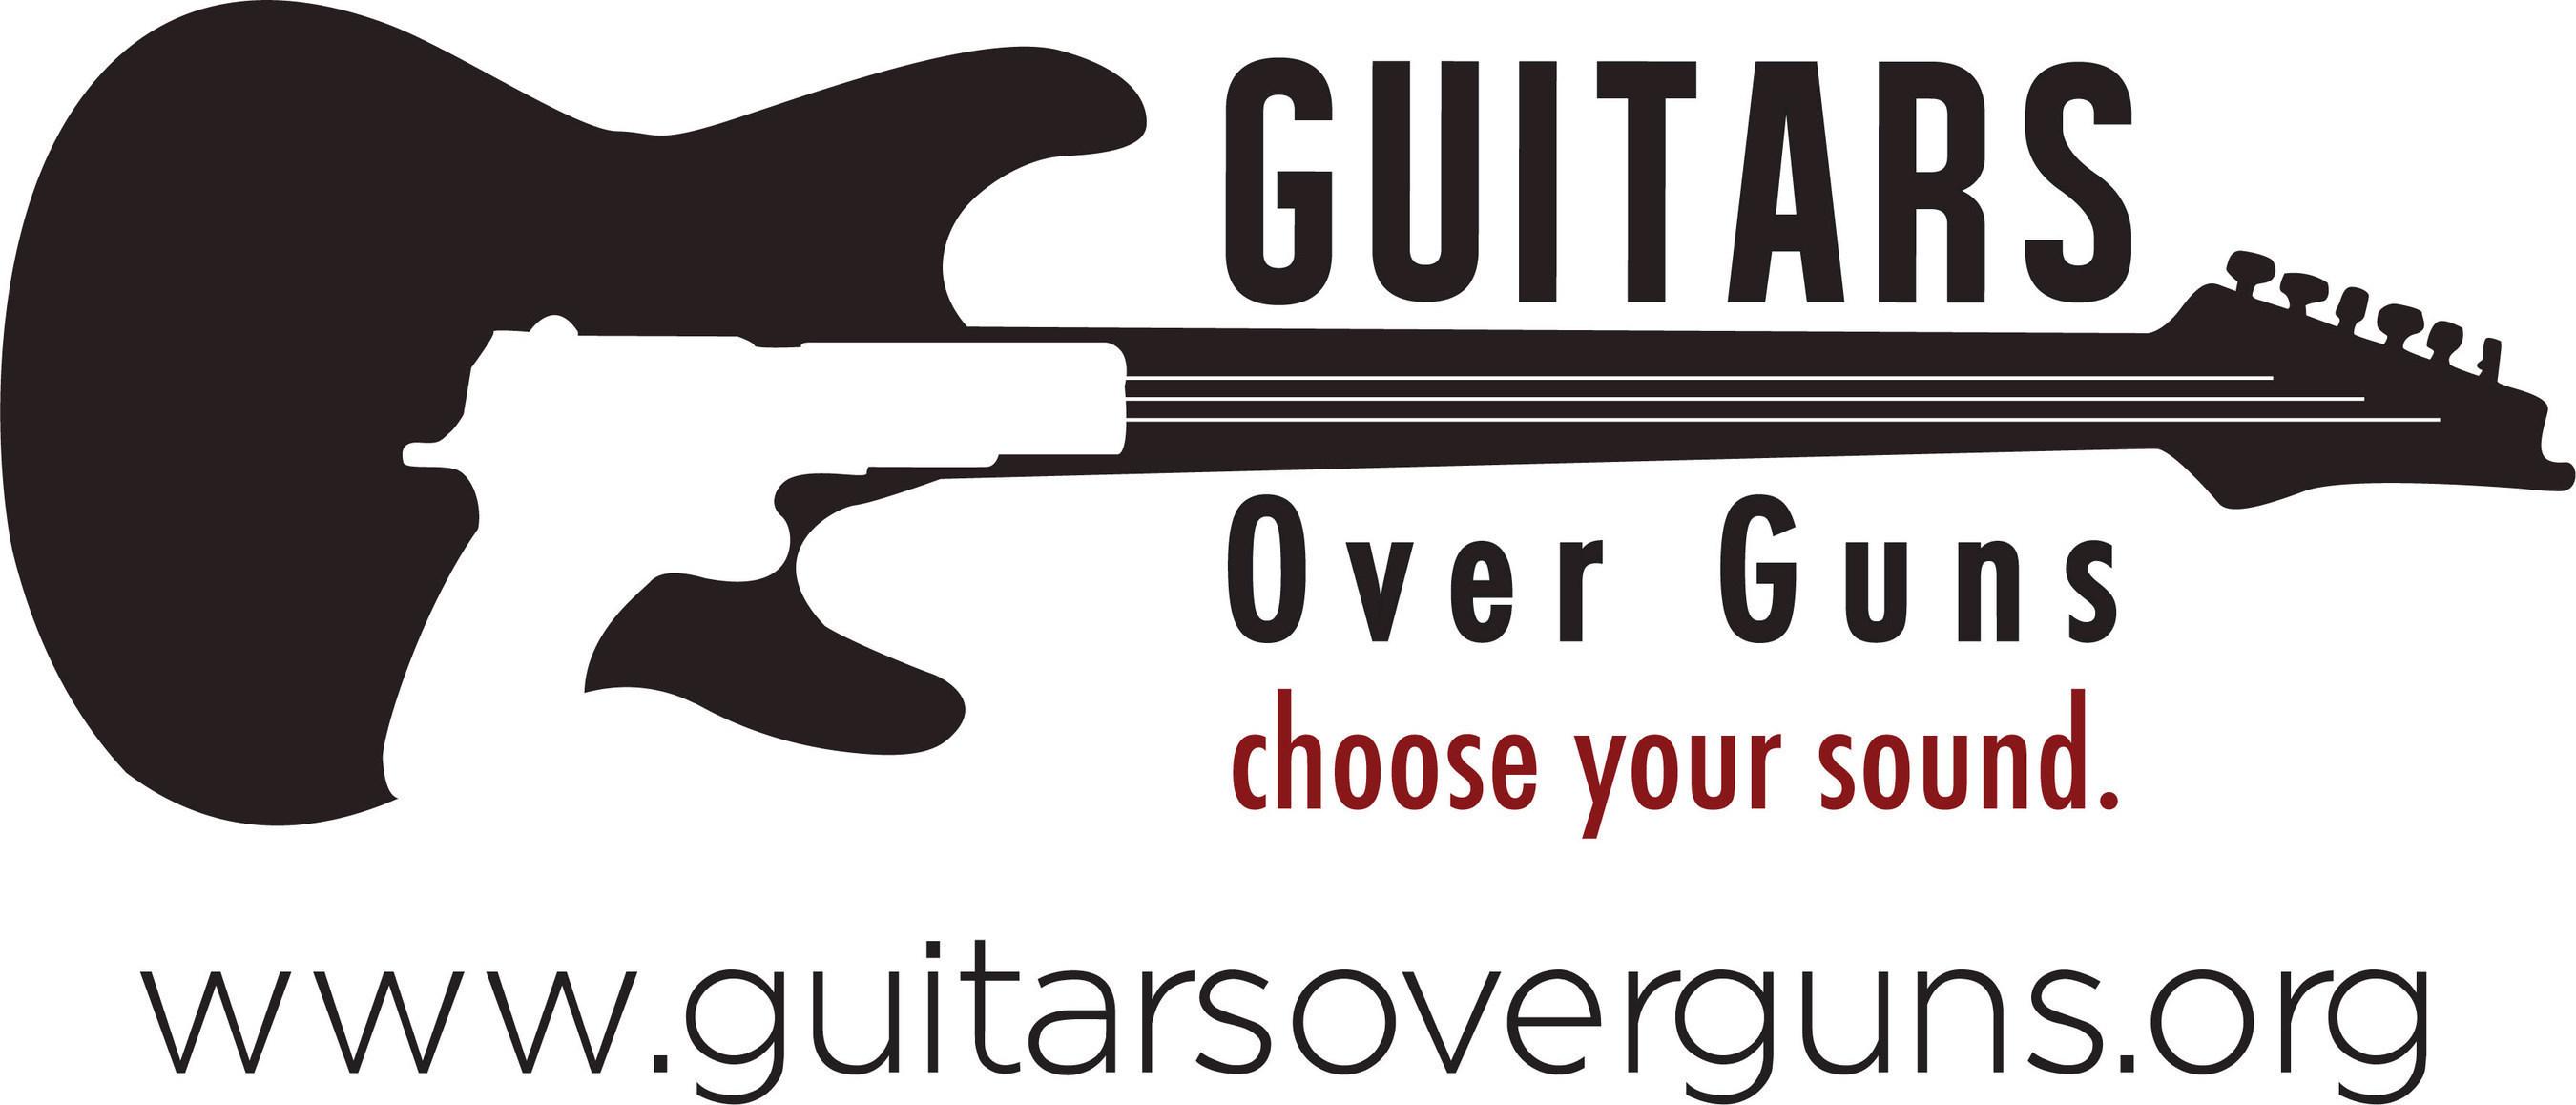 Guitars Over Guns Logo. www.guitarsoverguns.org.